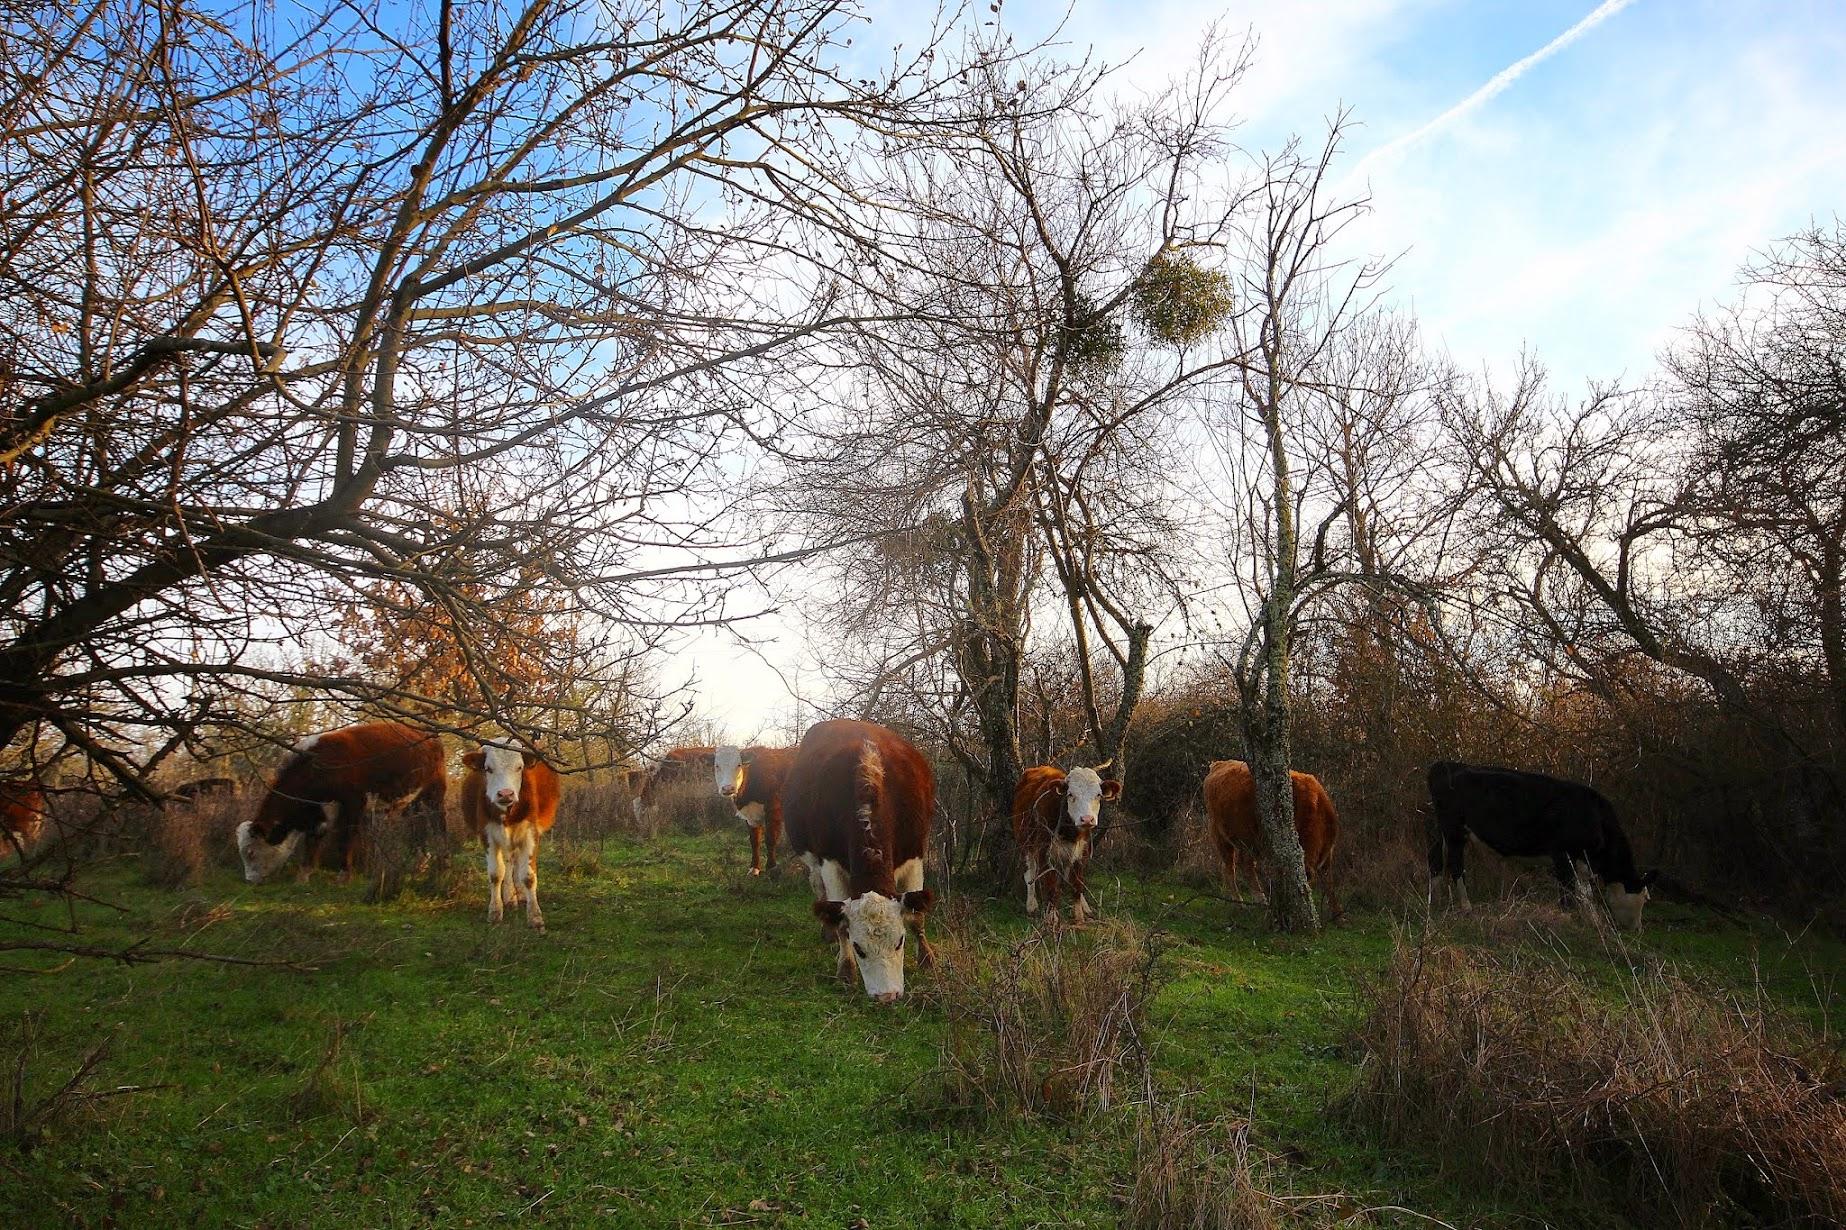 снимки крави